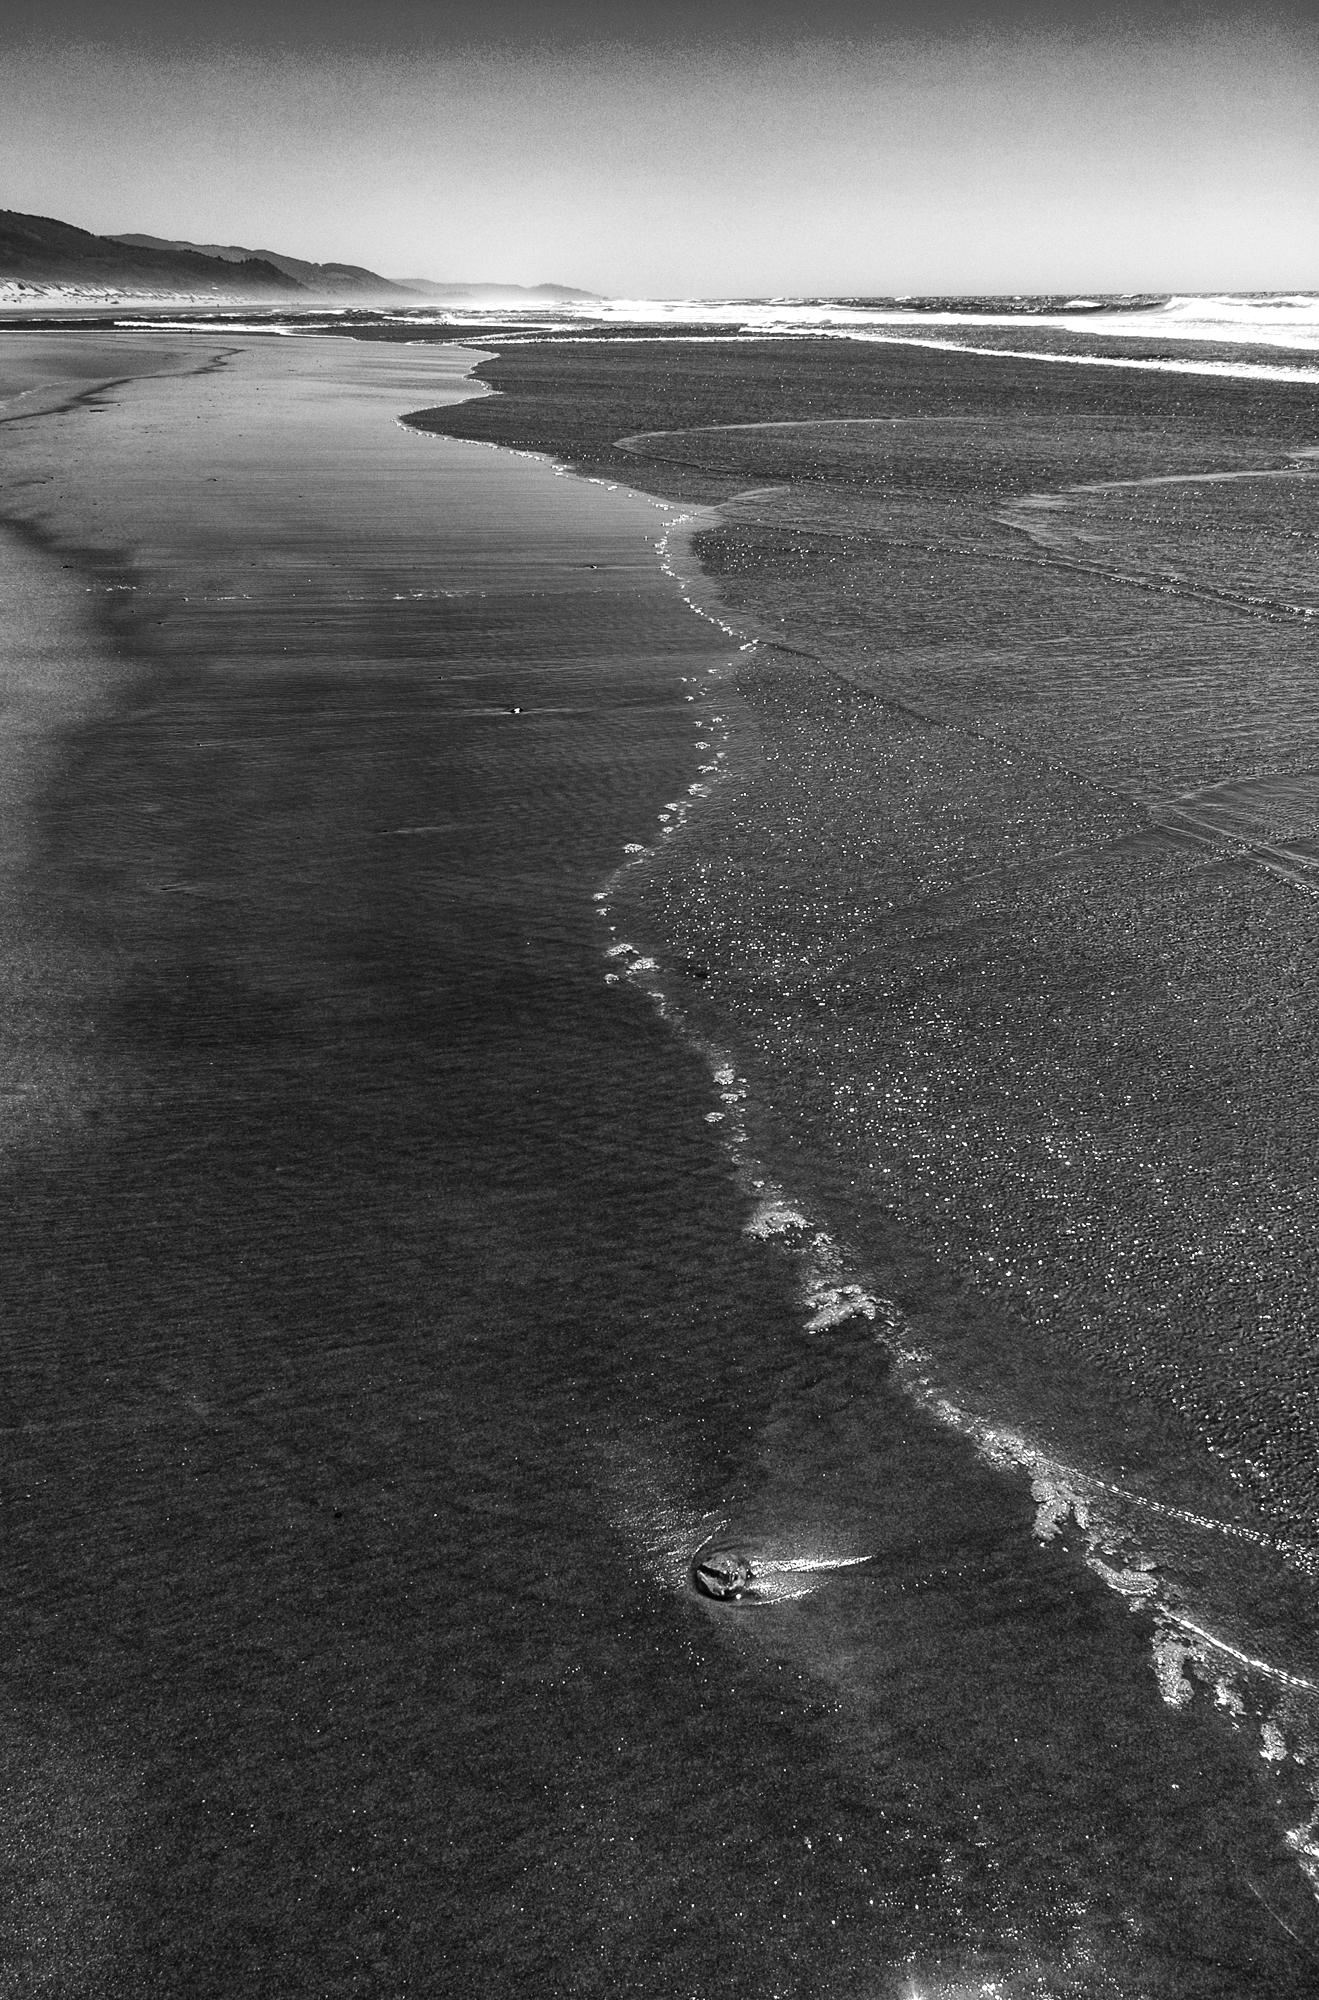 Sea at Manzanita